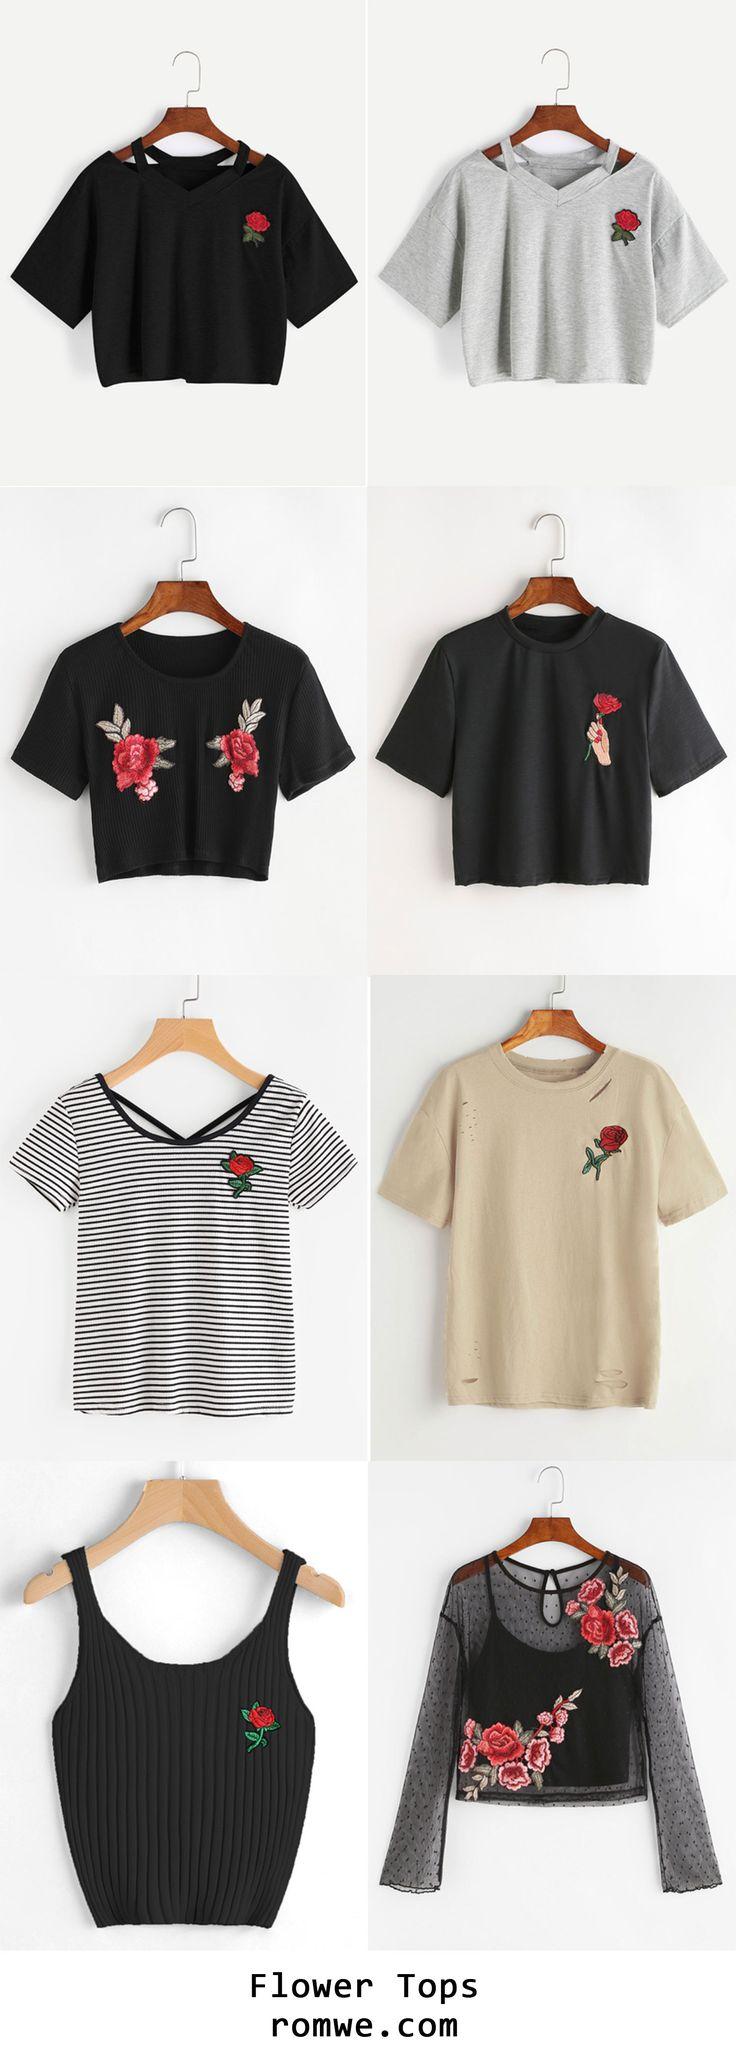 decora tu ropa con apliques de flores